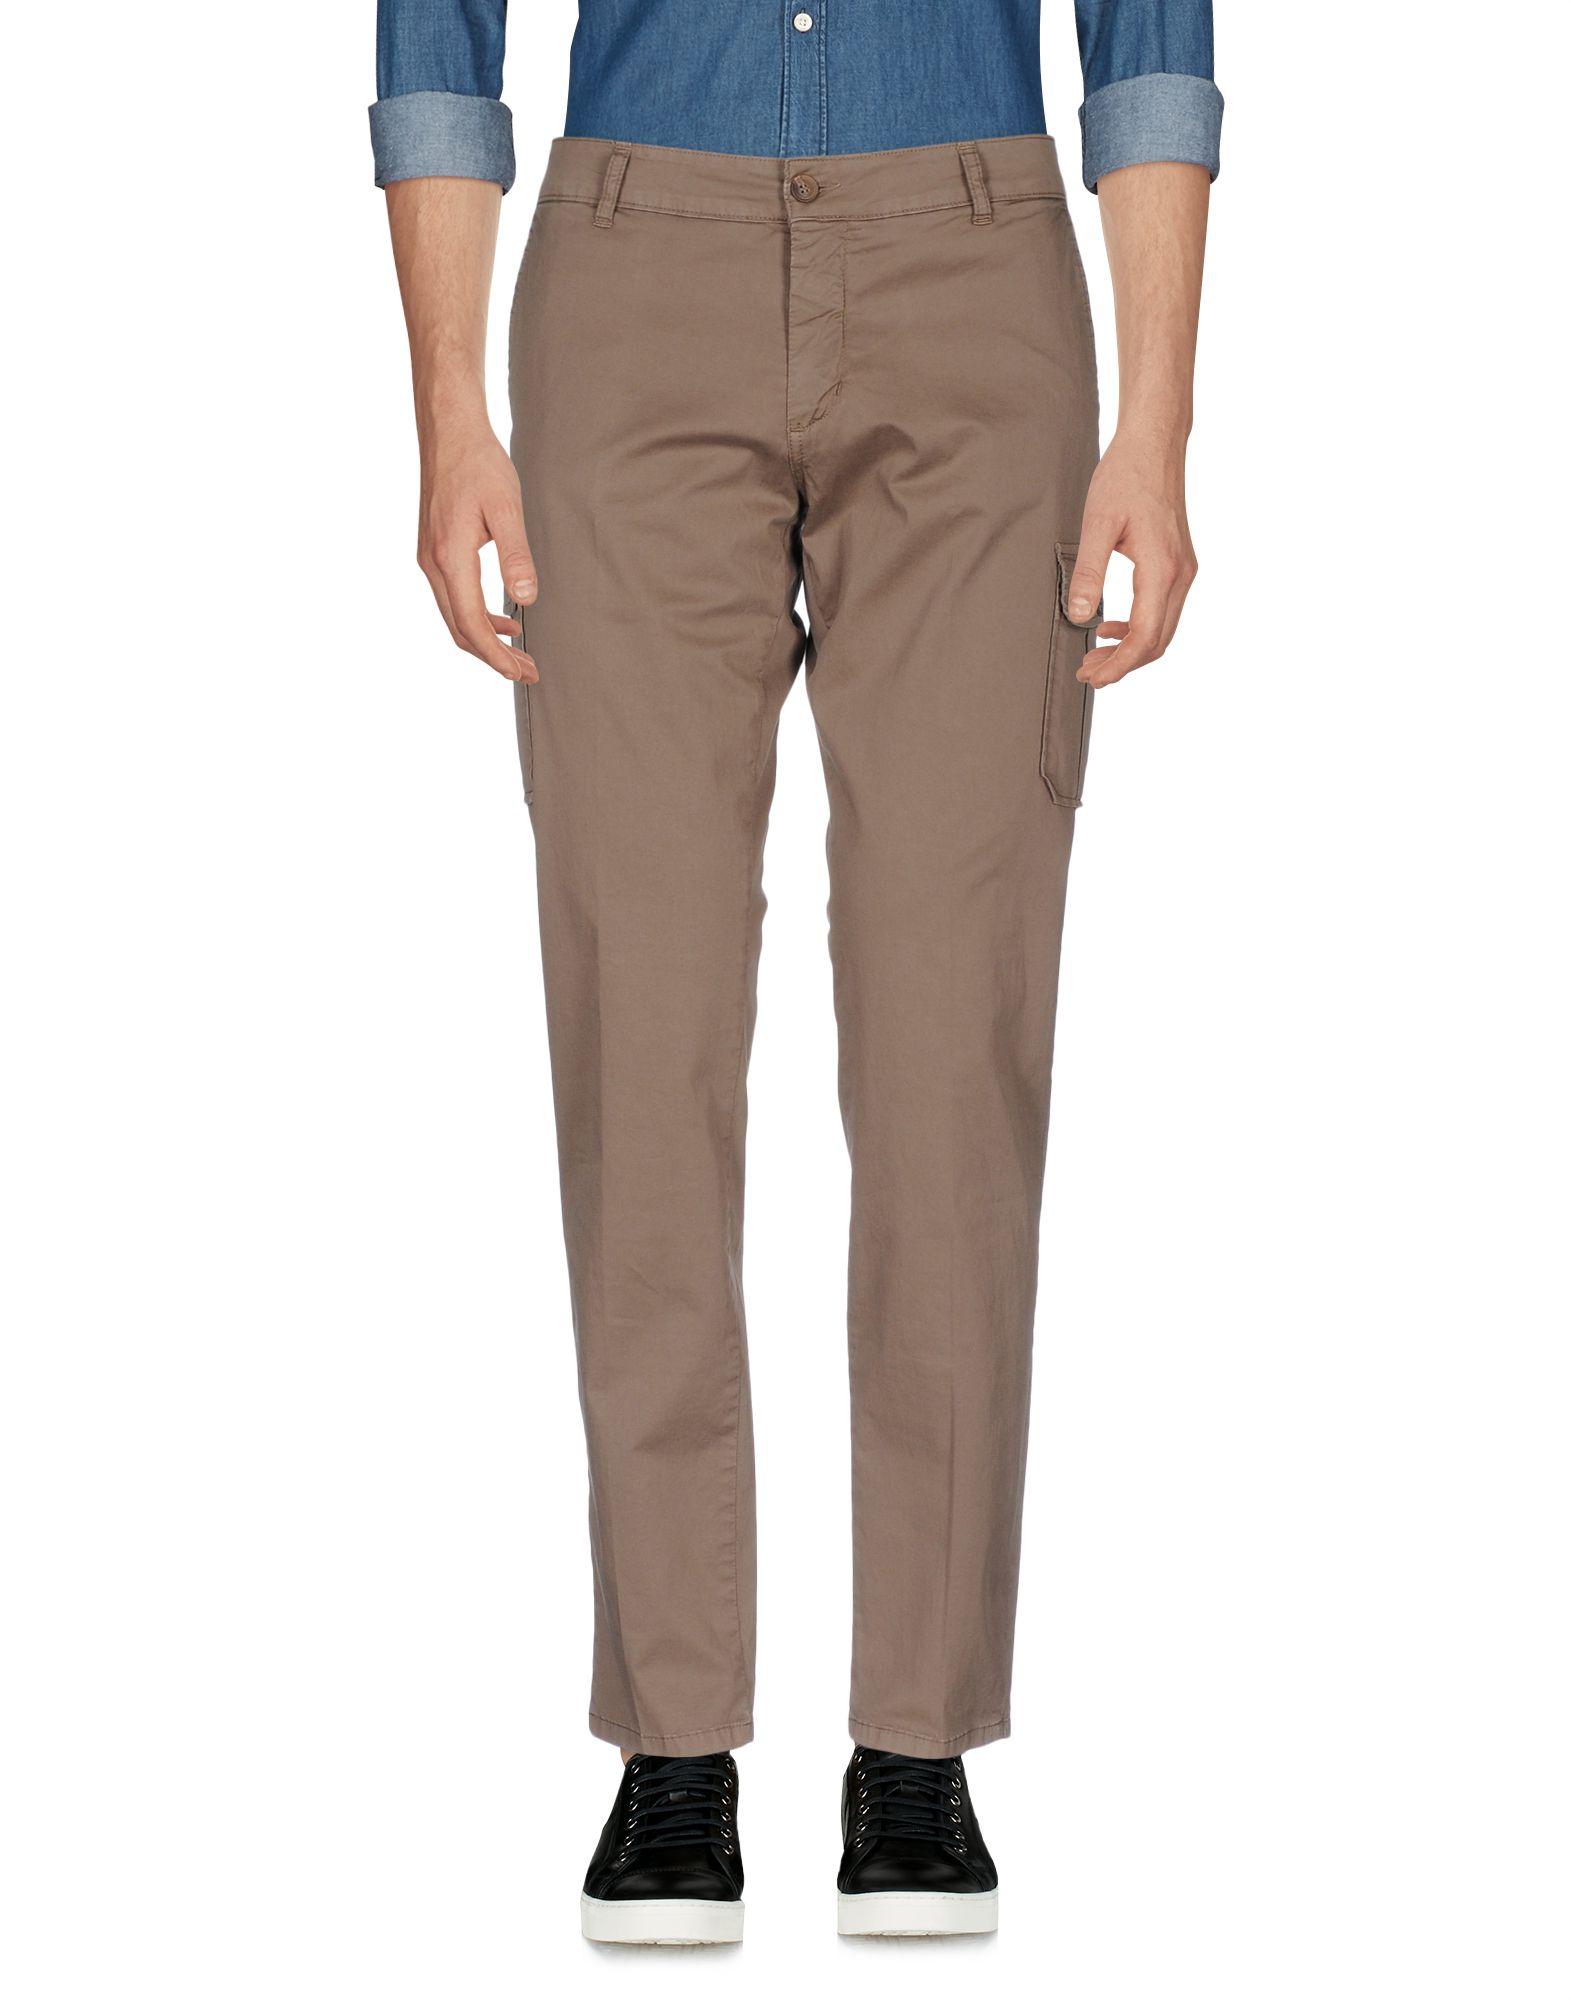 STAKK & CO Повседневные брюки at p co повседневные брюки